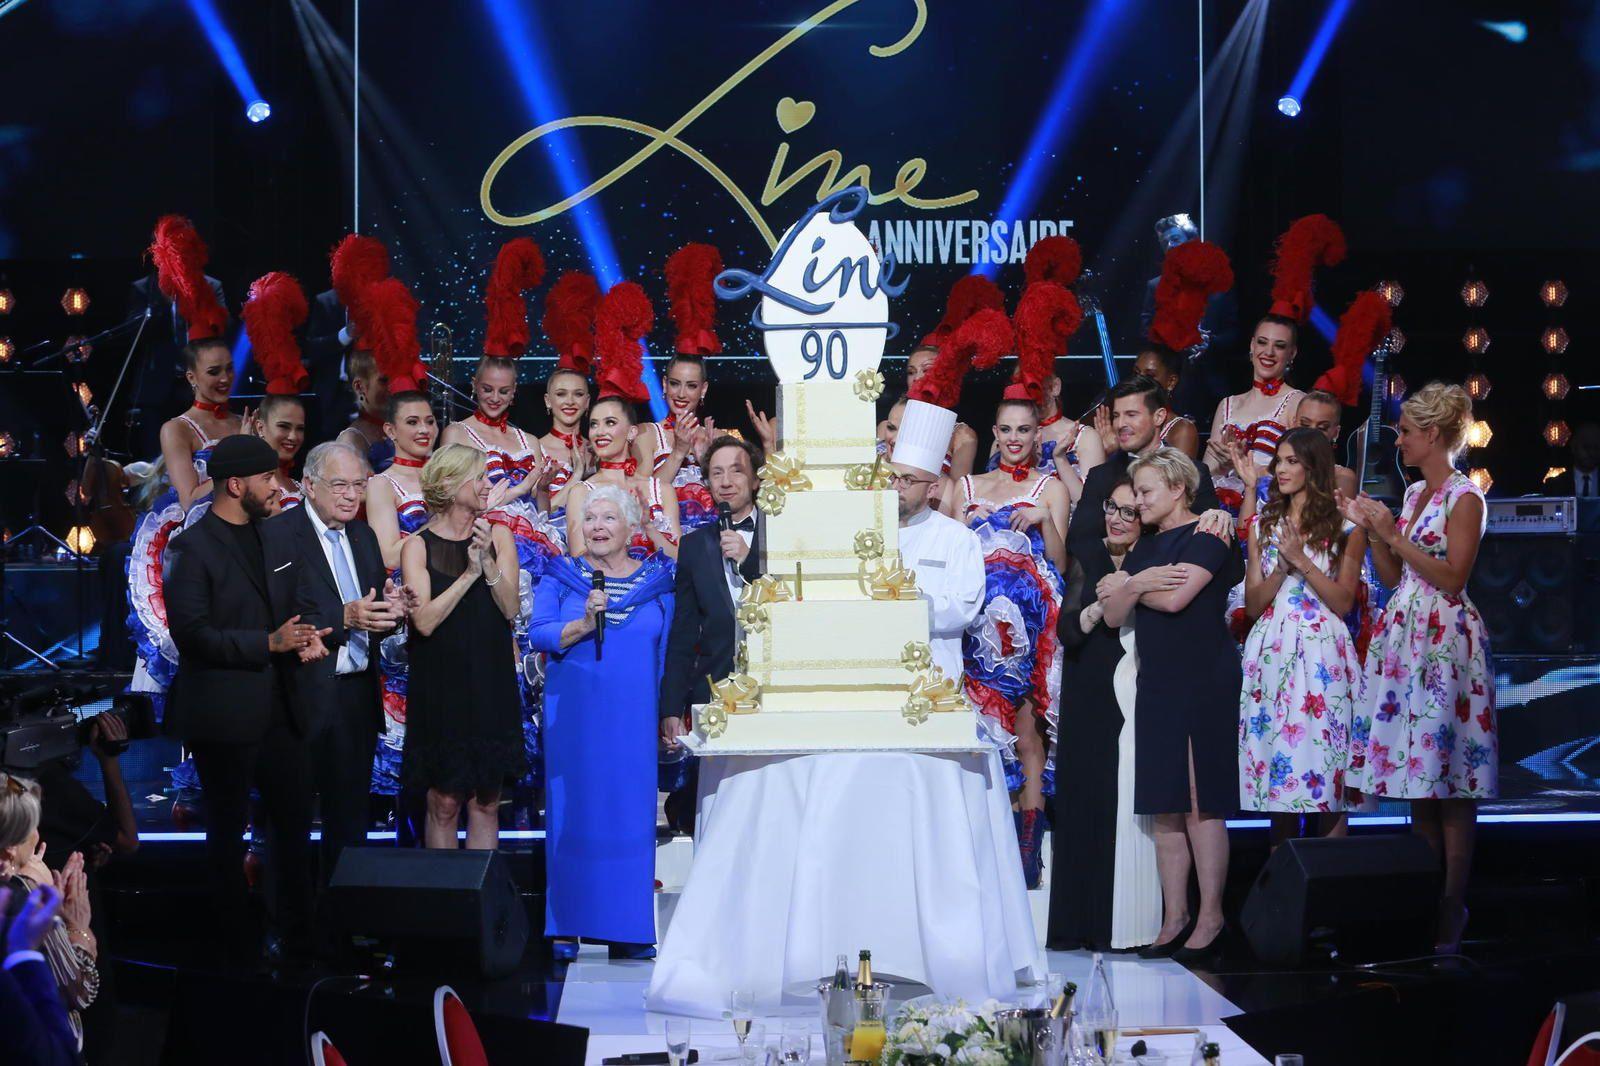 Les 90 ans de Line Renaud célébrés ce mardi sur France 2 : découvrez qui est invité.